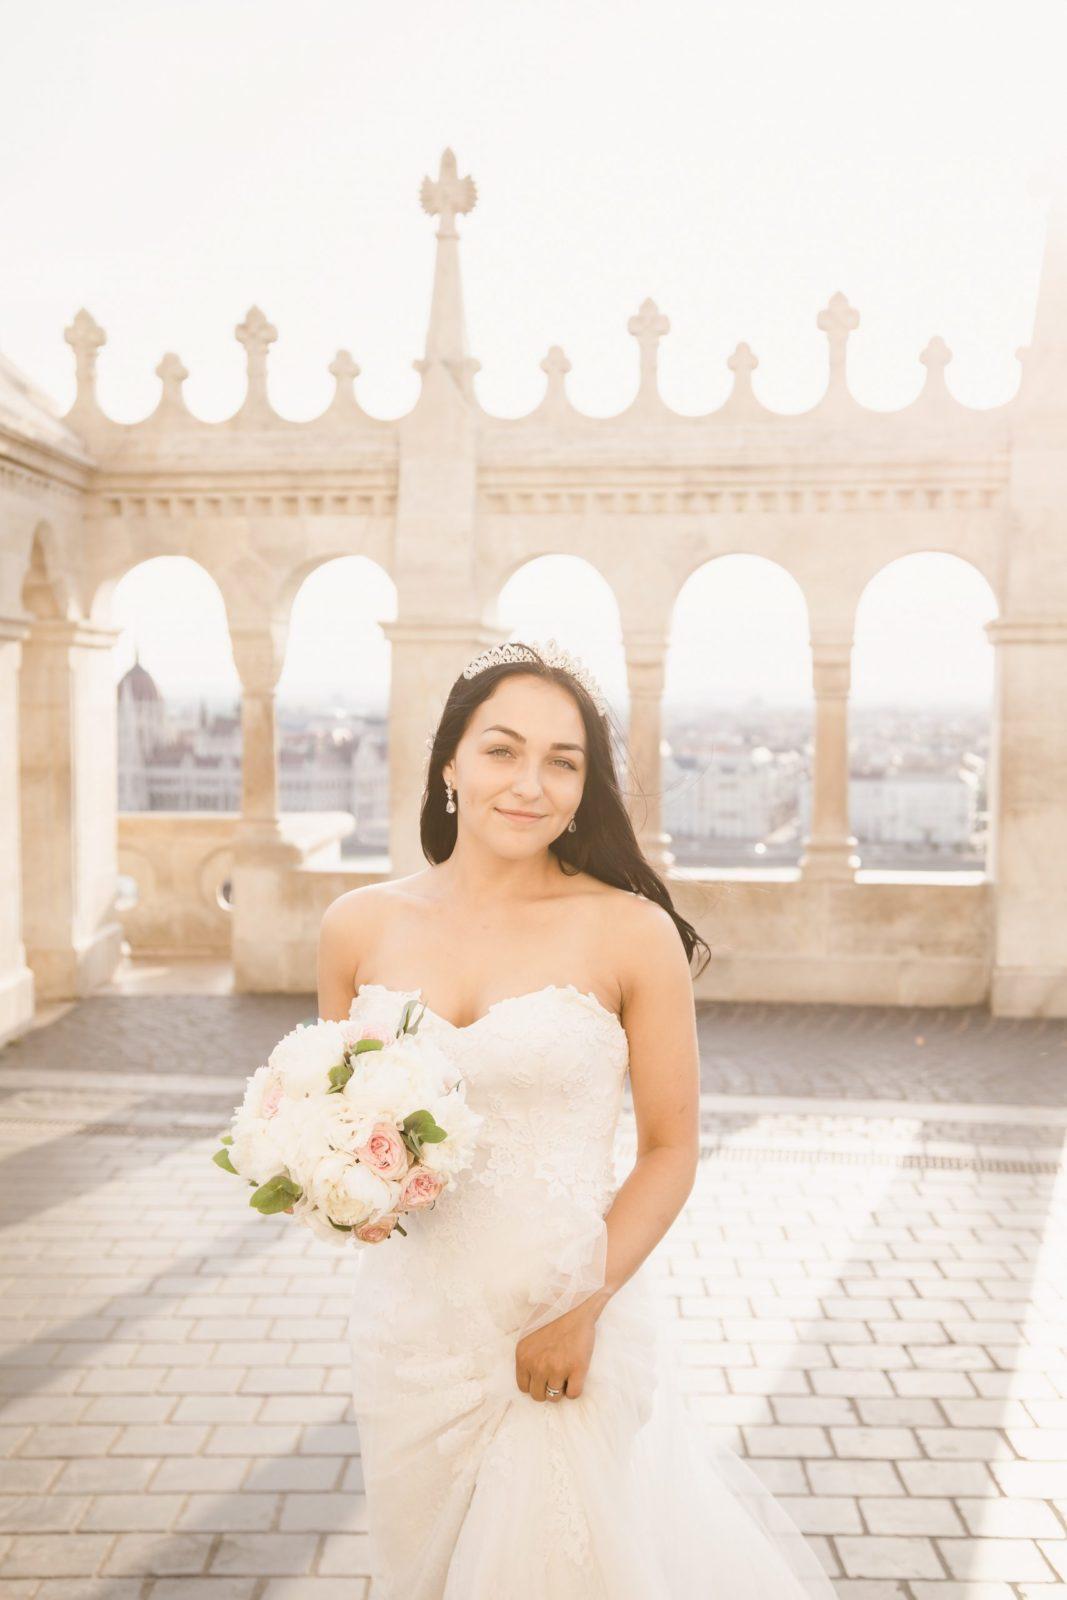 nevesta v svadobných šatách so svadobnou kyticou.